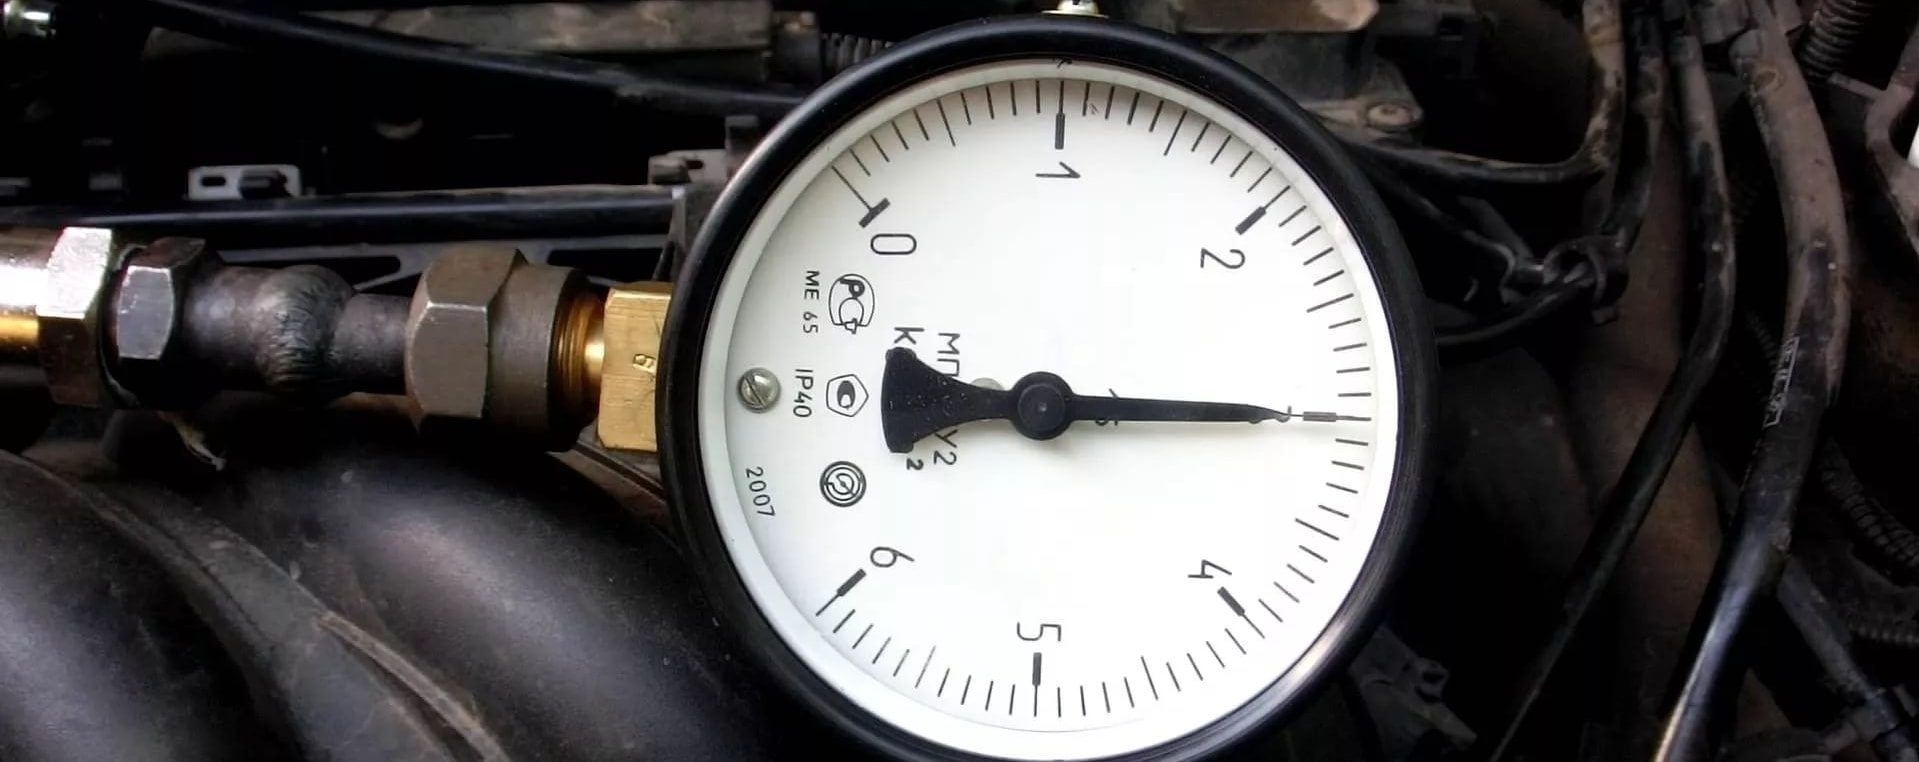 Проверка герметичности тормозных приводов